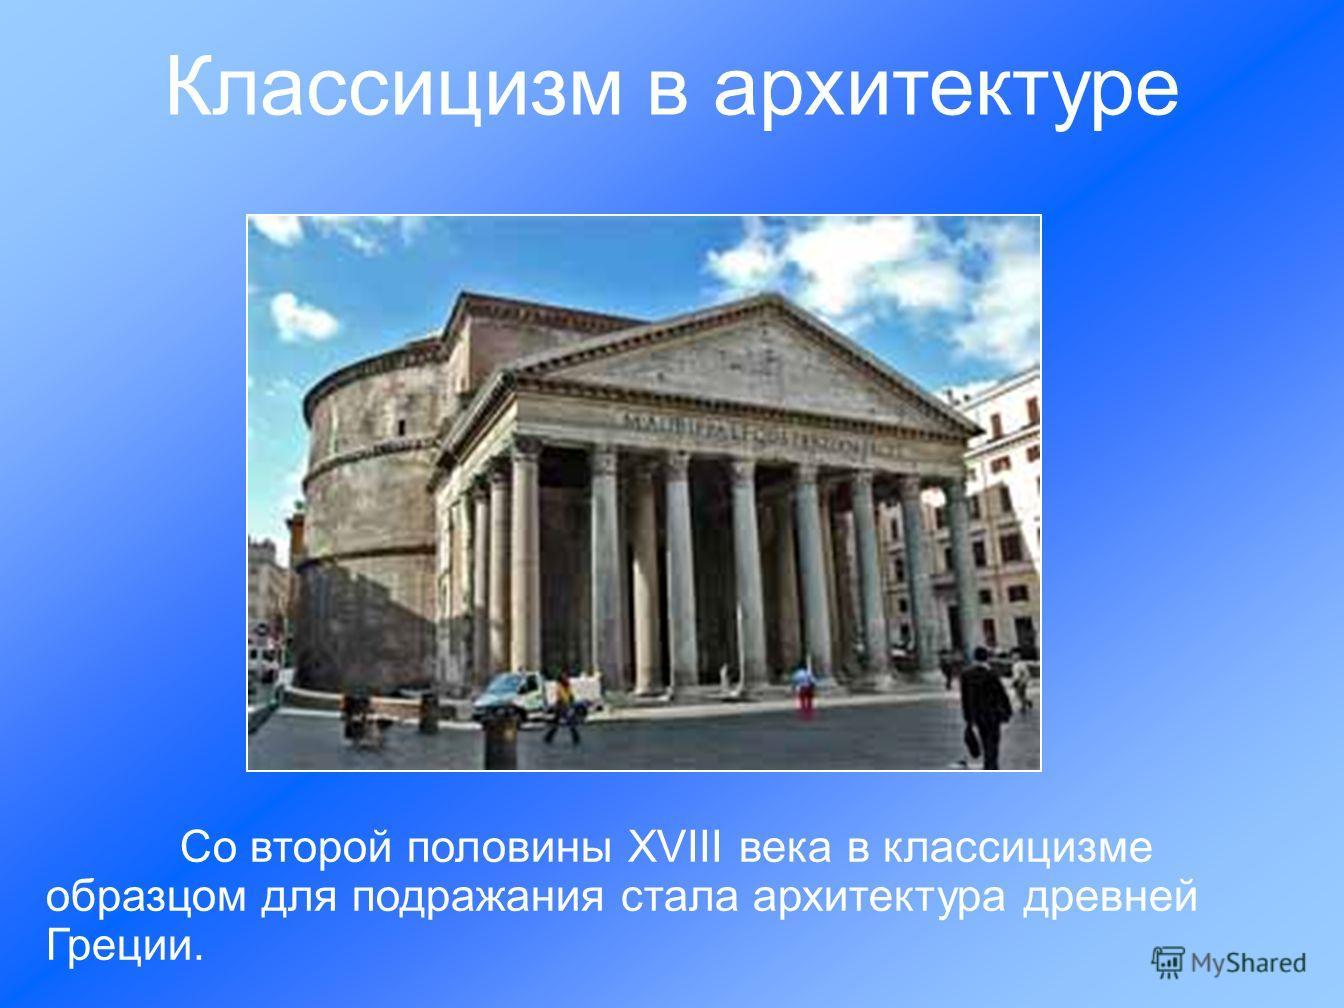 Со второй половины ХVIII века в классицизме образцом для подражания стала архитектура древней Греции. Классицизм в архитектуре